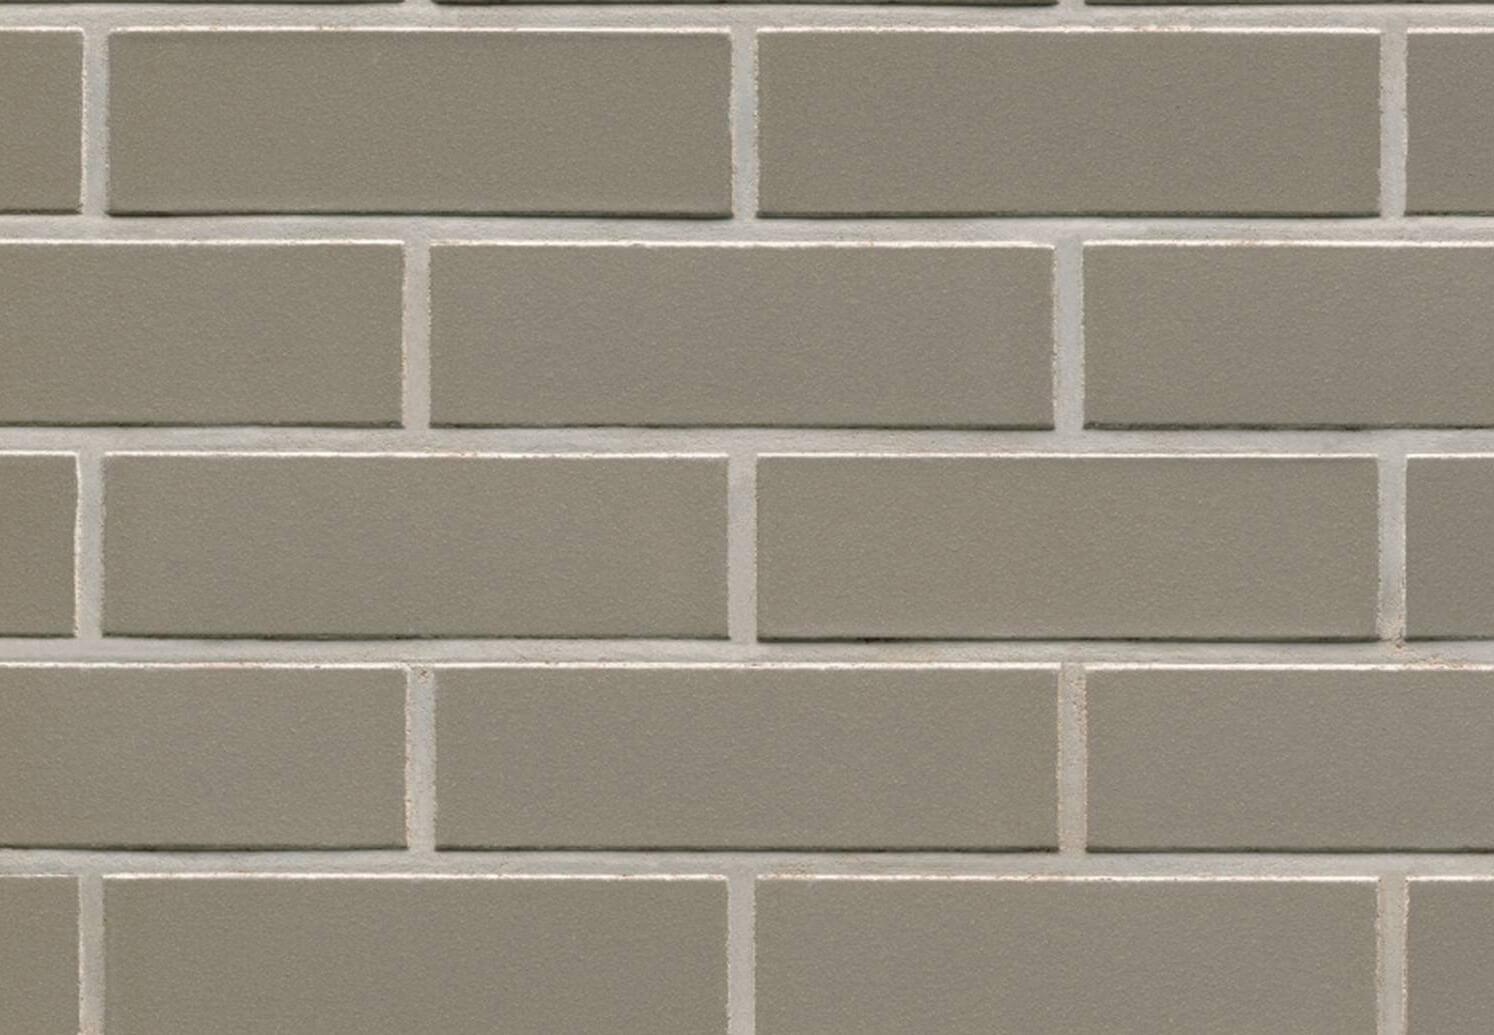 Feldhaus Klinker - R800NF9, Classic Argo Liso, 240x9x71 - Клинкерная плитка для фасада и внутренней отделки